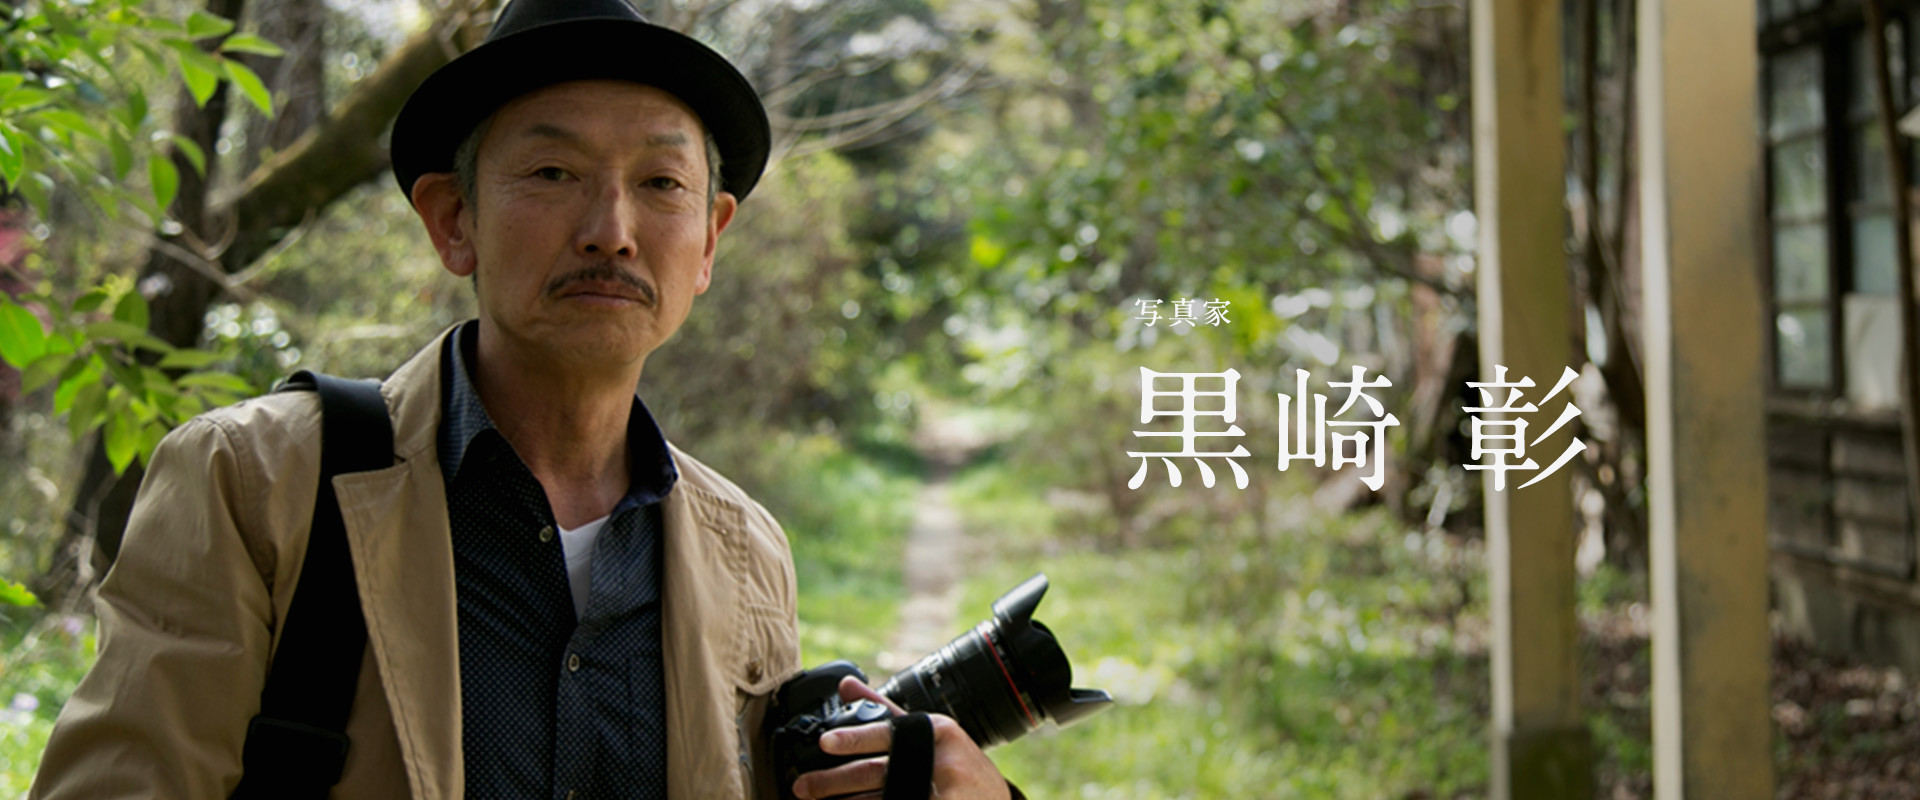 黒崎 彰(写真家)